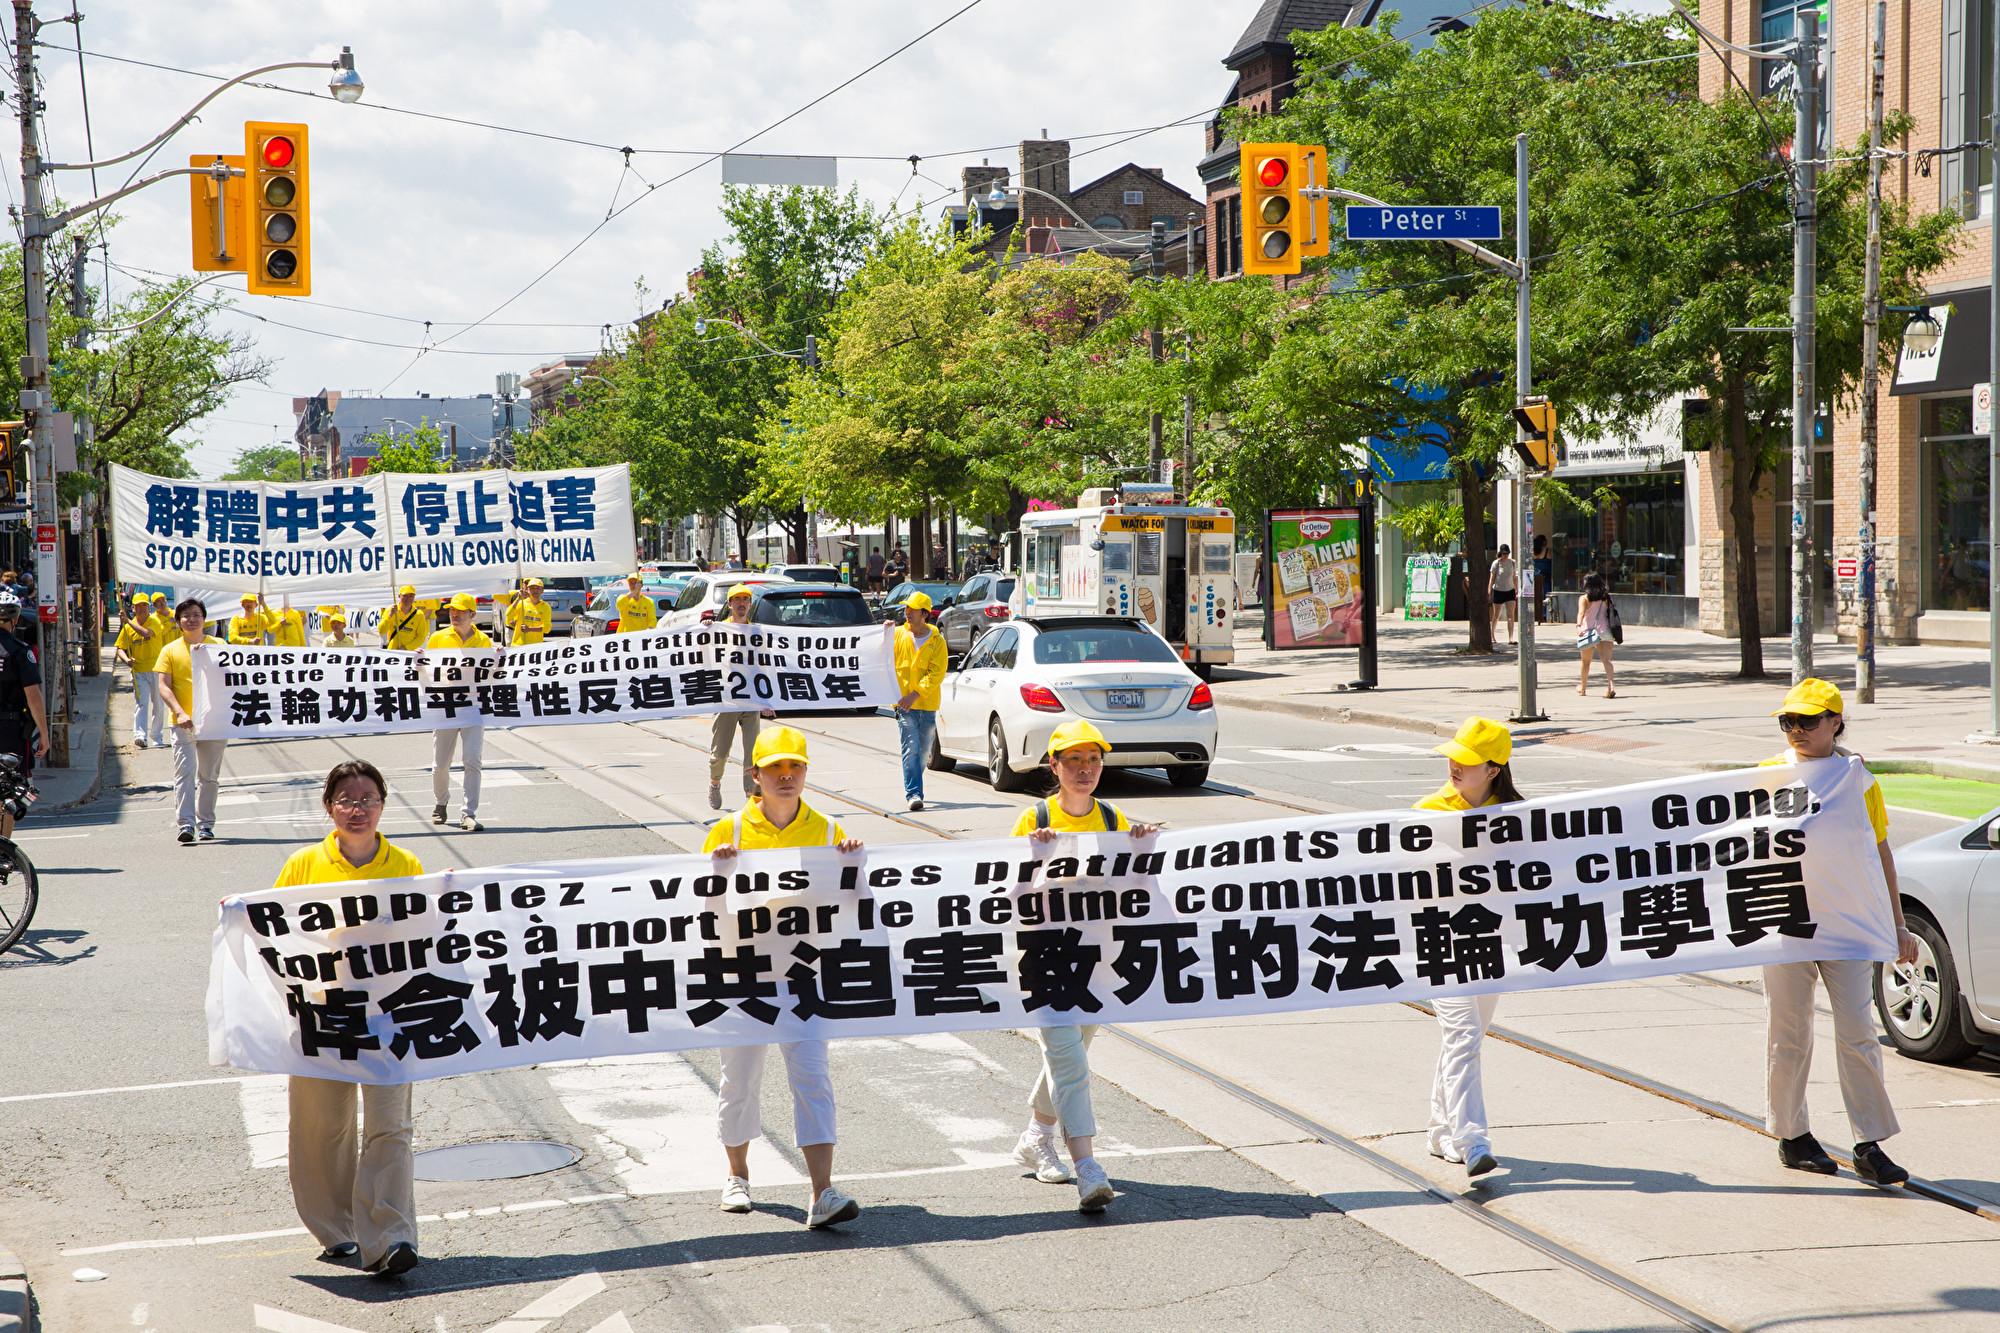 7月20日,加東地區法輪功學員舉行盛大遊行,紀念反迫害20周年,圖為學員手拿橫幅「悼念被中共迫害致死的法輪功學員。(艾文/大紀元)